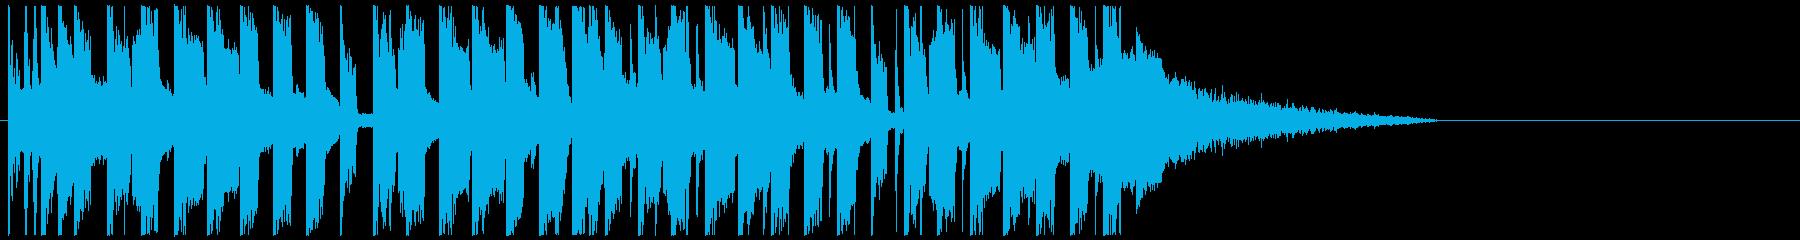 かっこよすぎるEDM ジングルの再生済みの波形